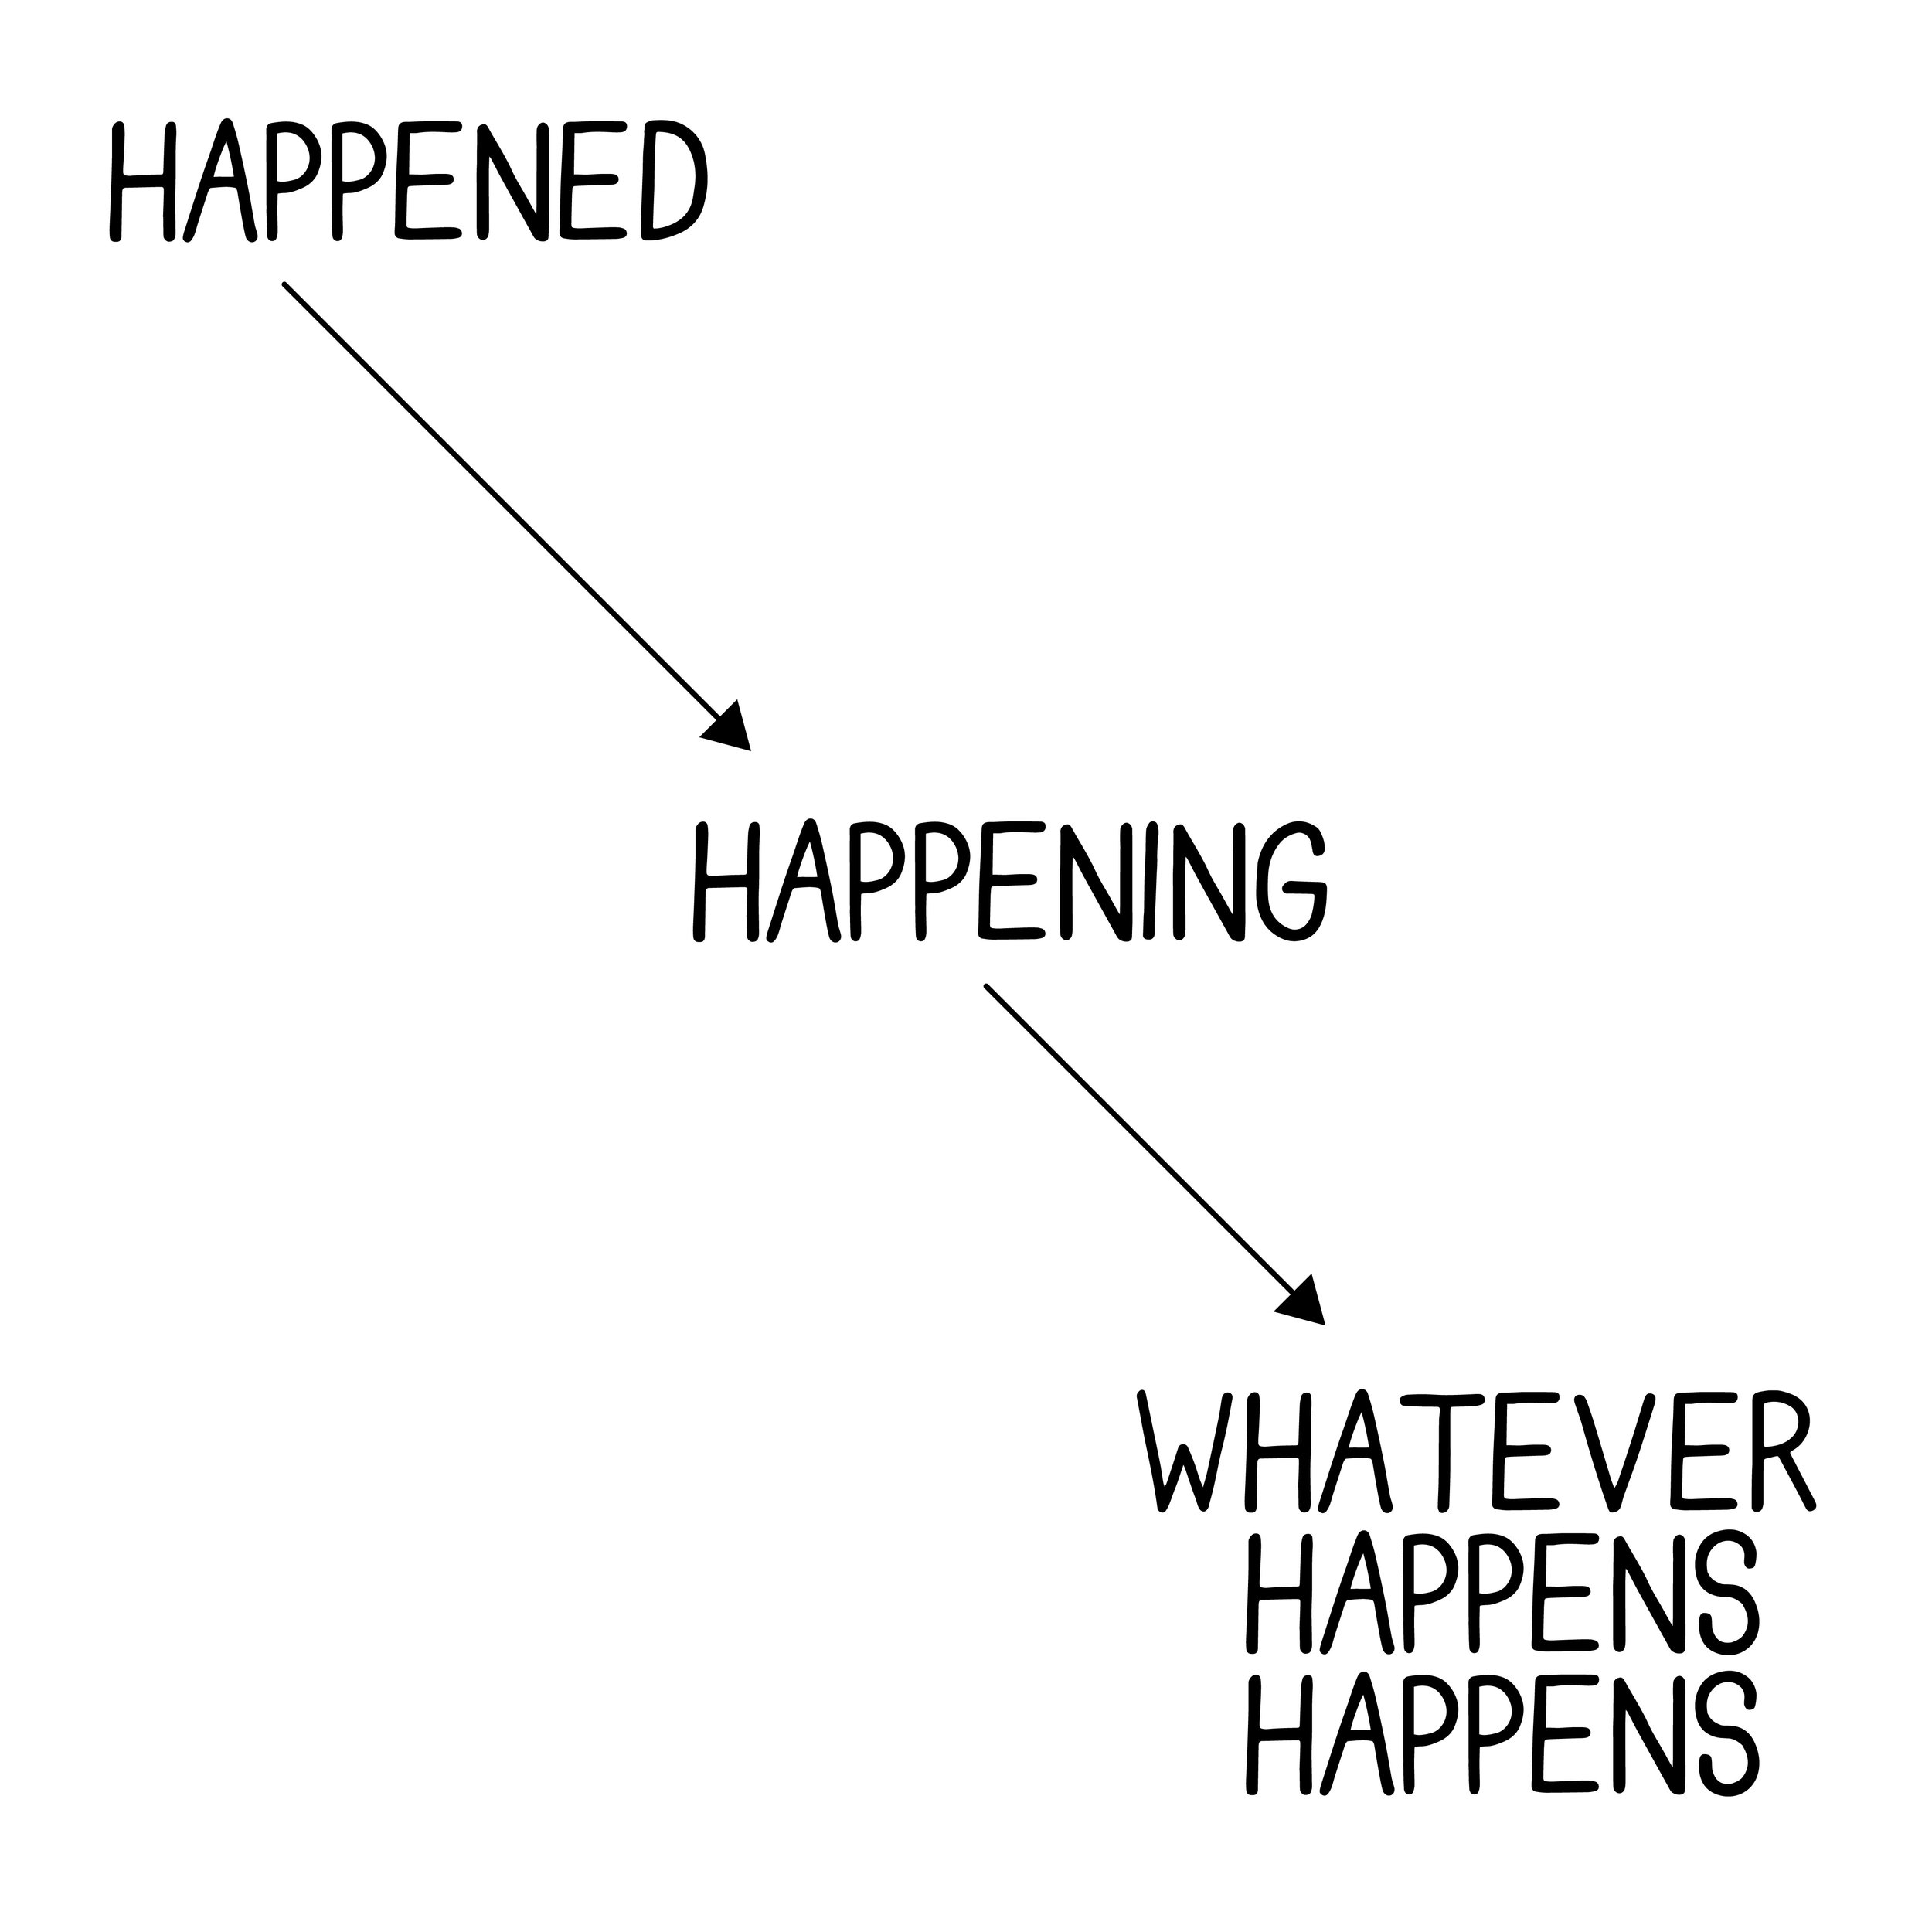 whateverhappenshappens-01.jpg